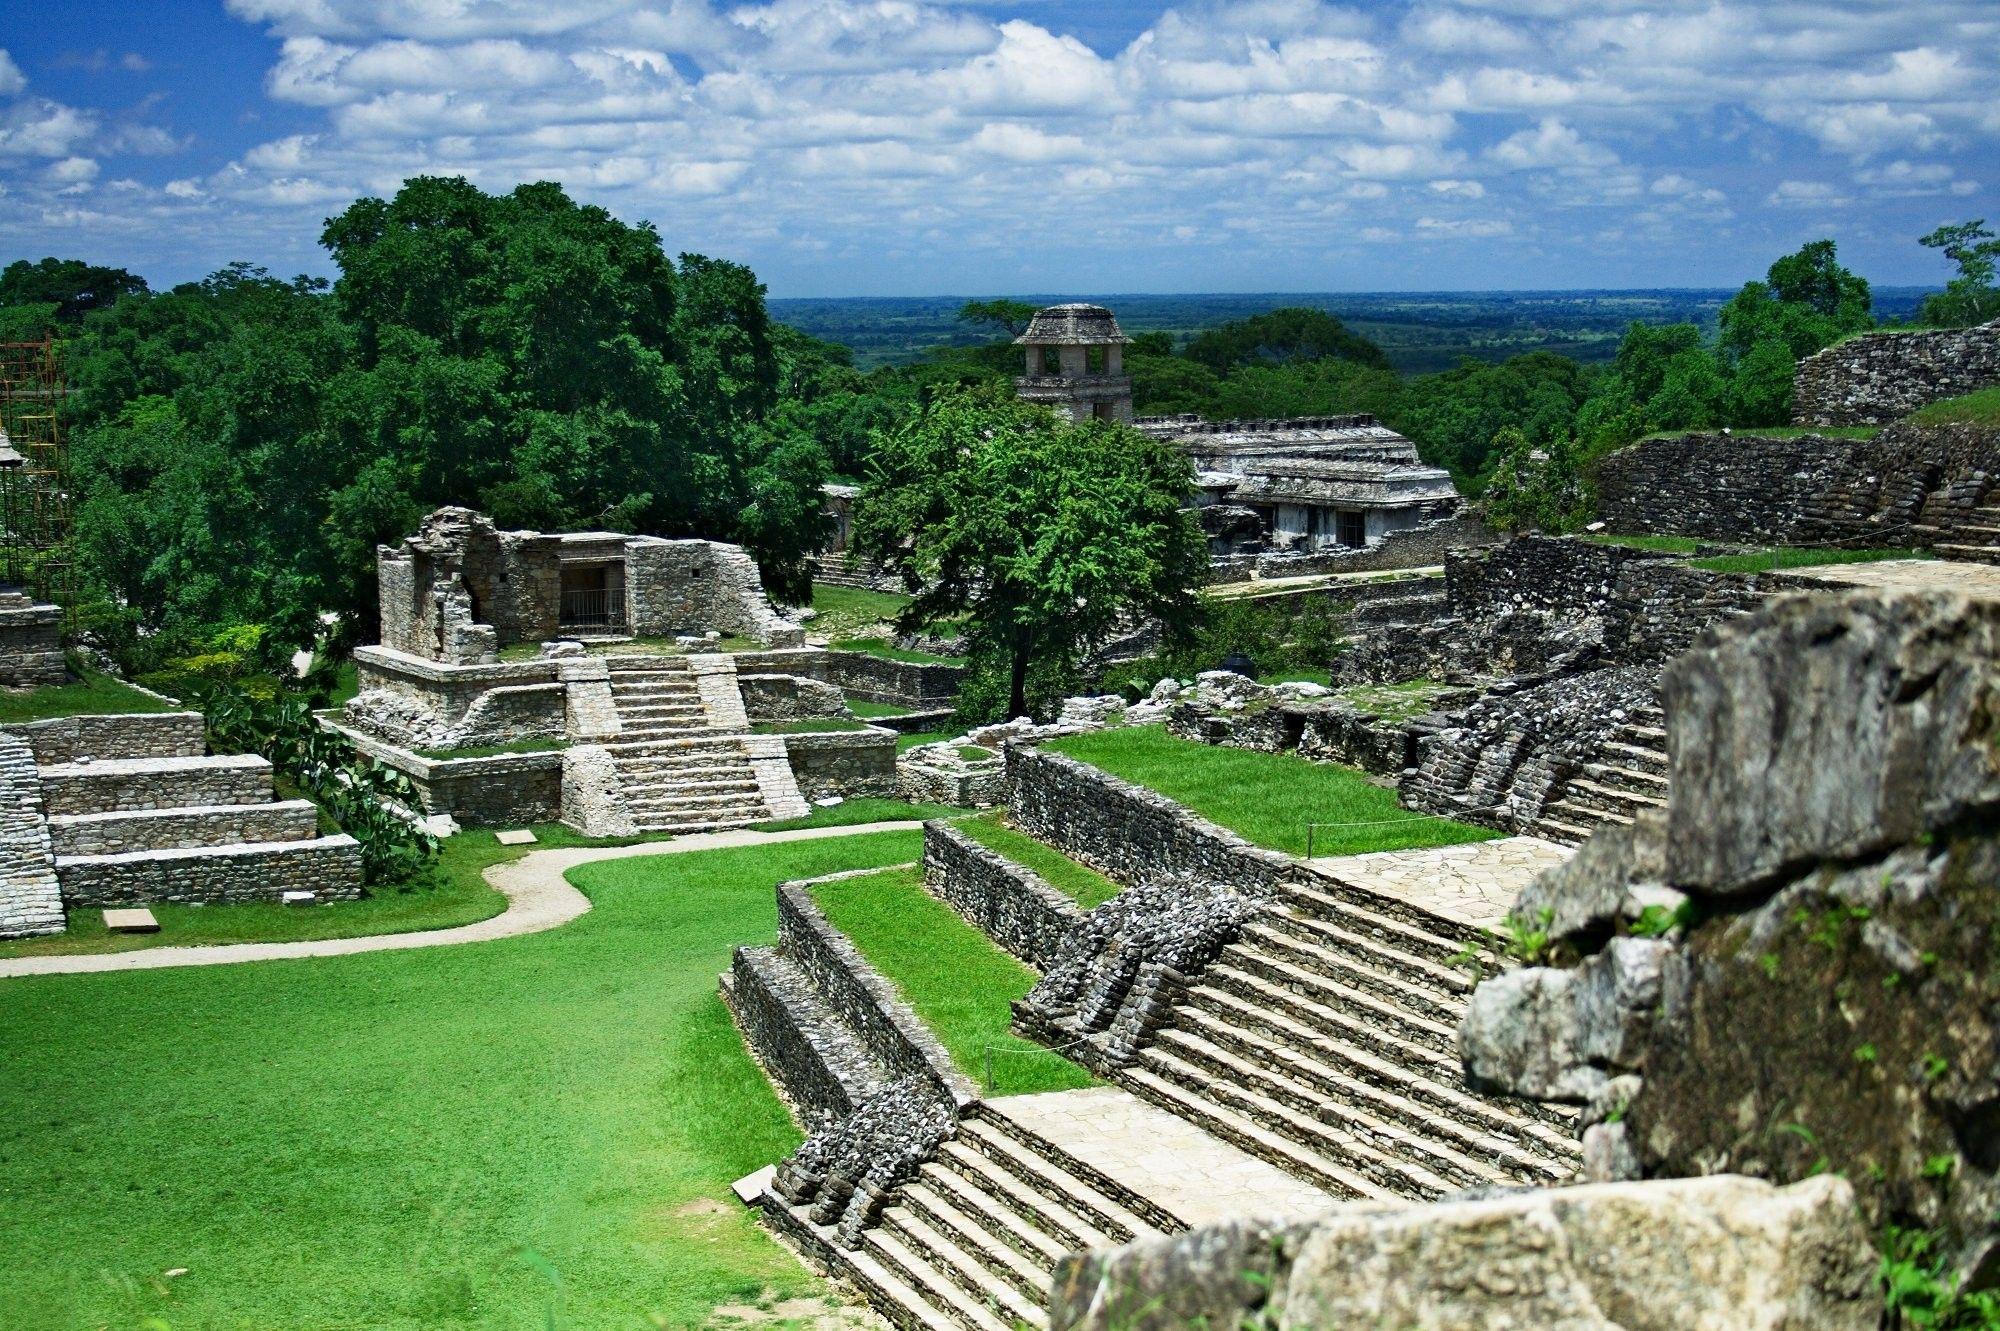 Ученые обнаружили «мегаполис» цивилизации майя в тропических зарослях Гватемалы